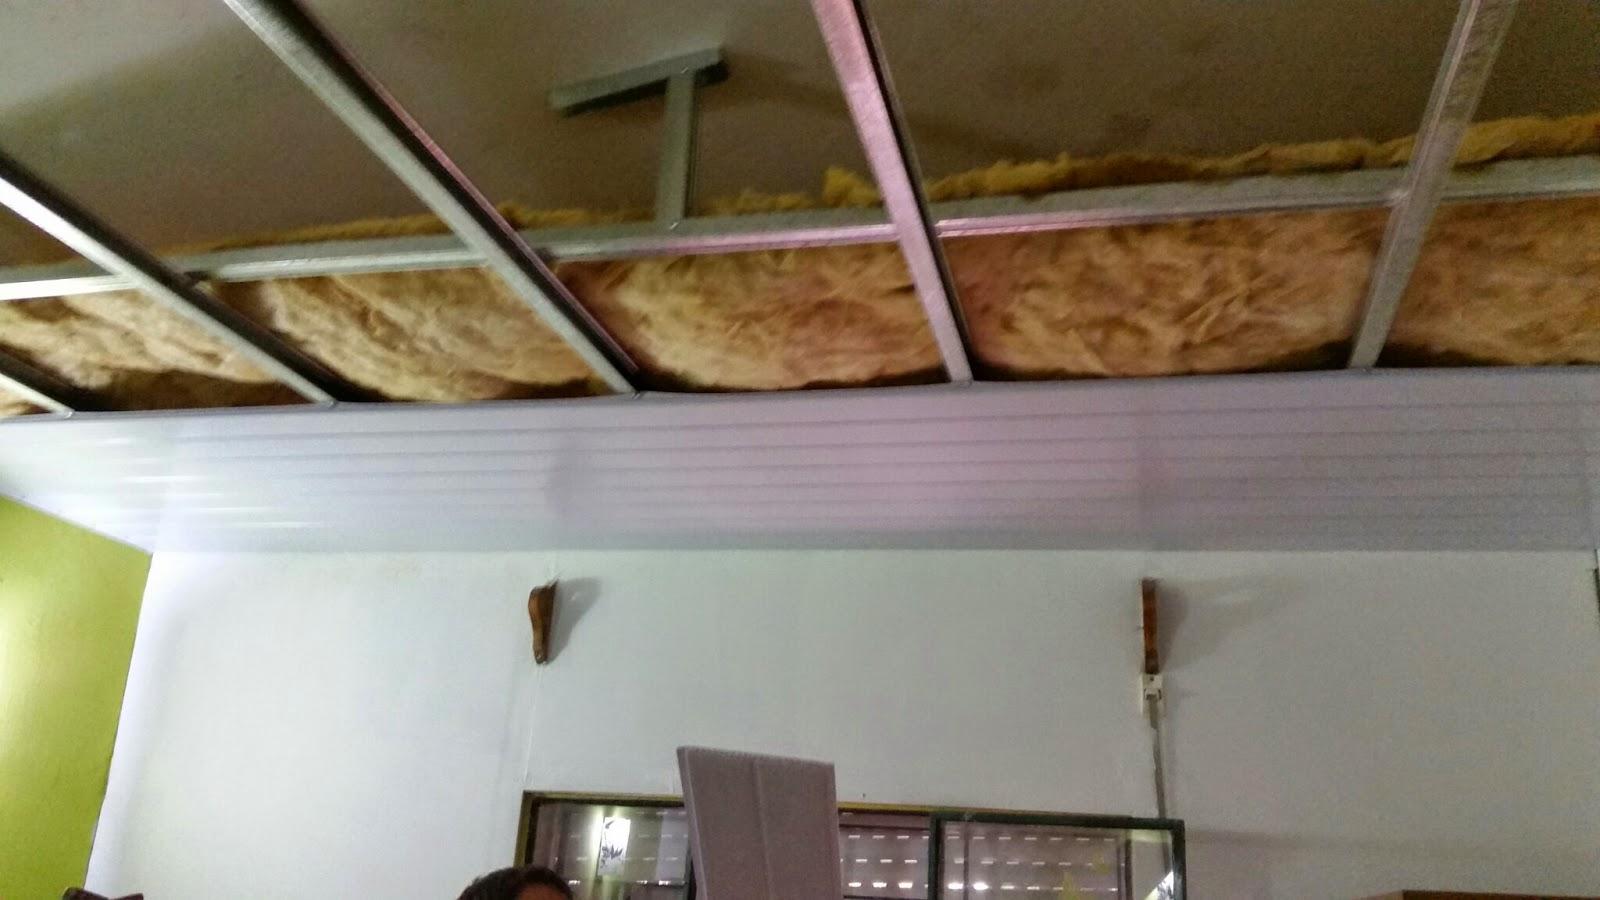 Cielorrasos en pvc uruguay aislamiento t rmico - Aislamiento termico techos interior ...